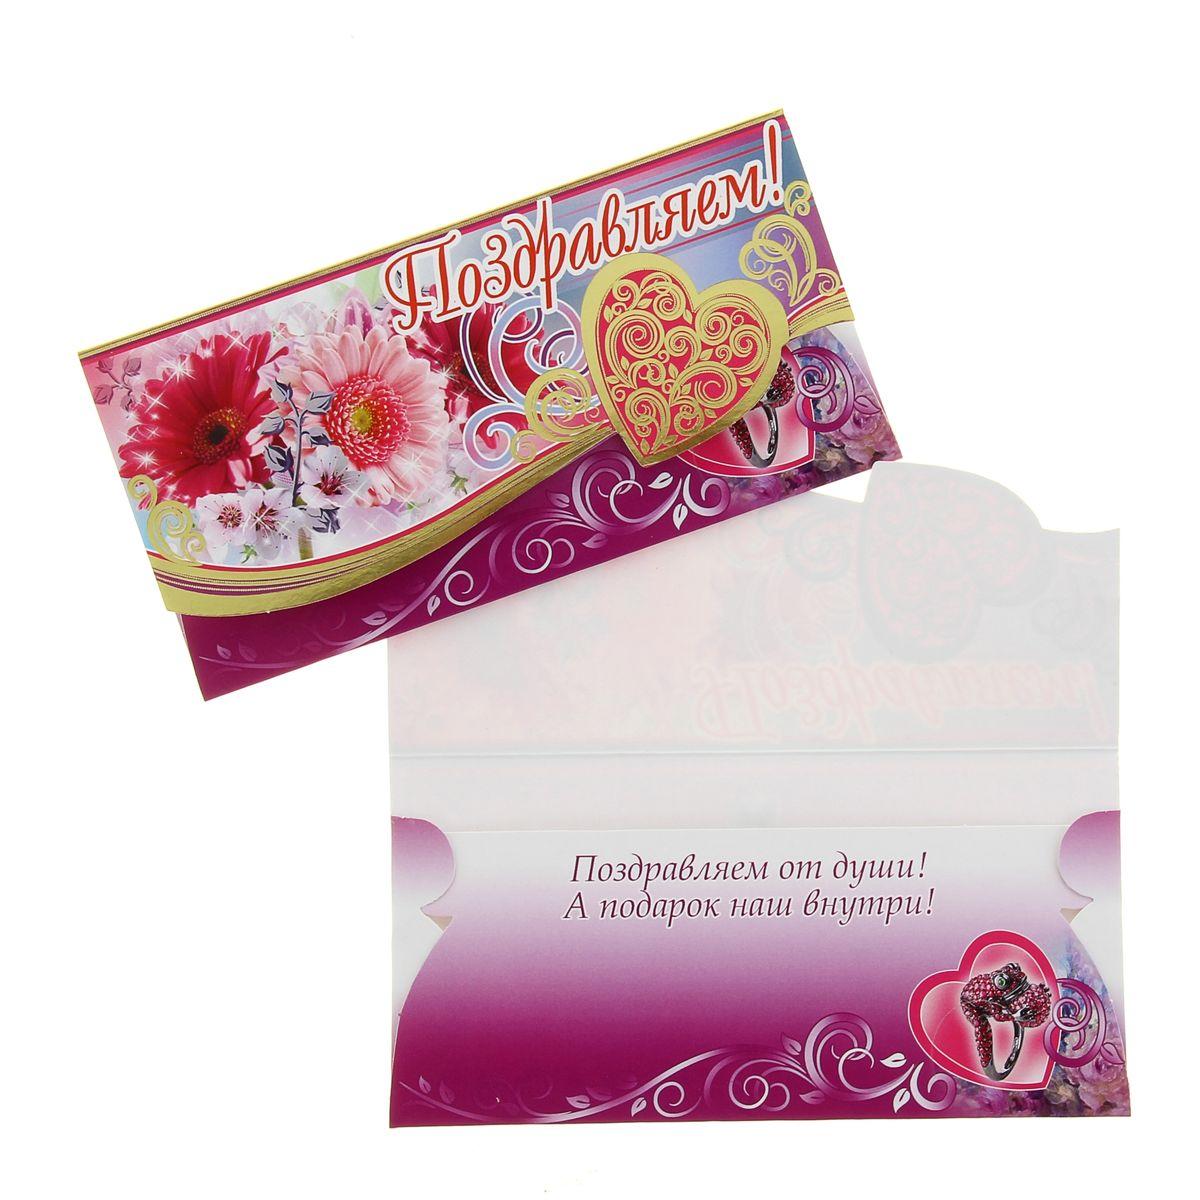 Открытка добрым, открытка для денег и в ней поздравление